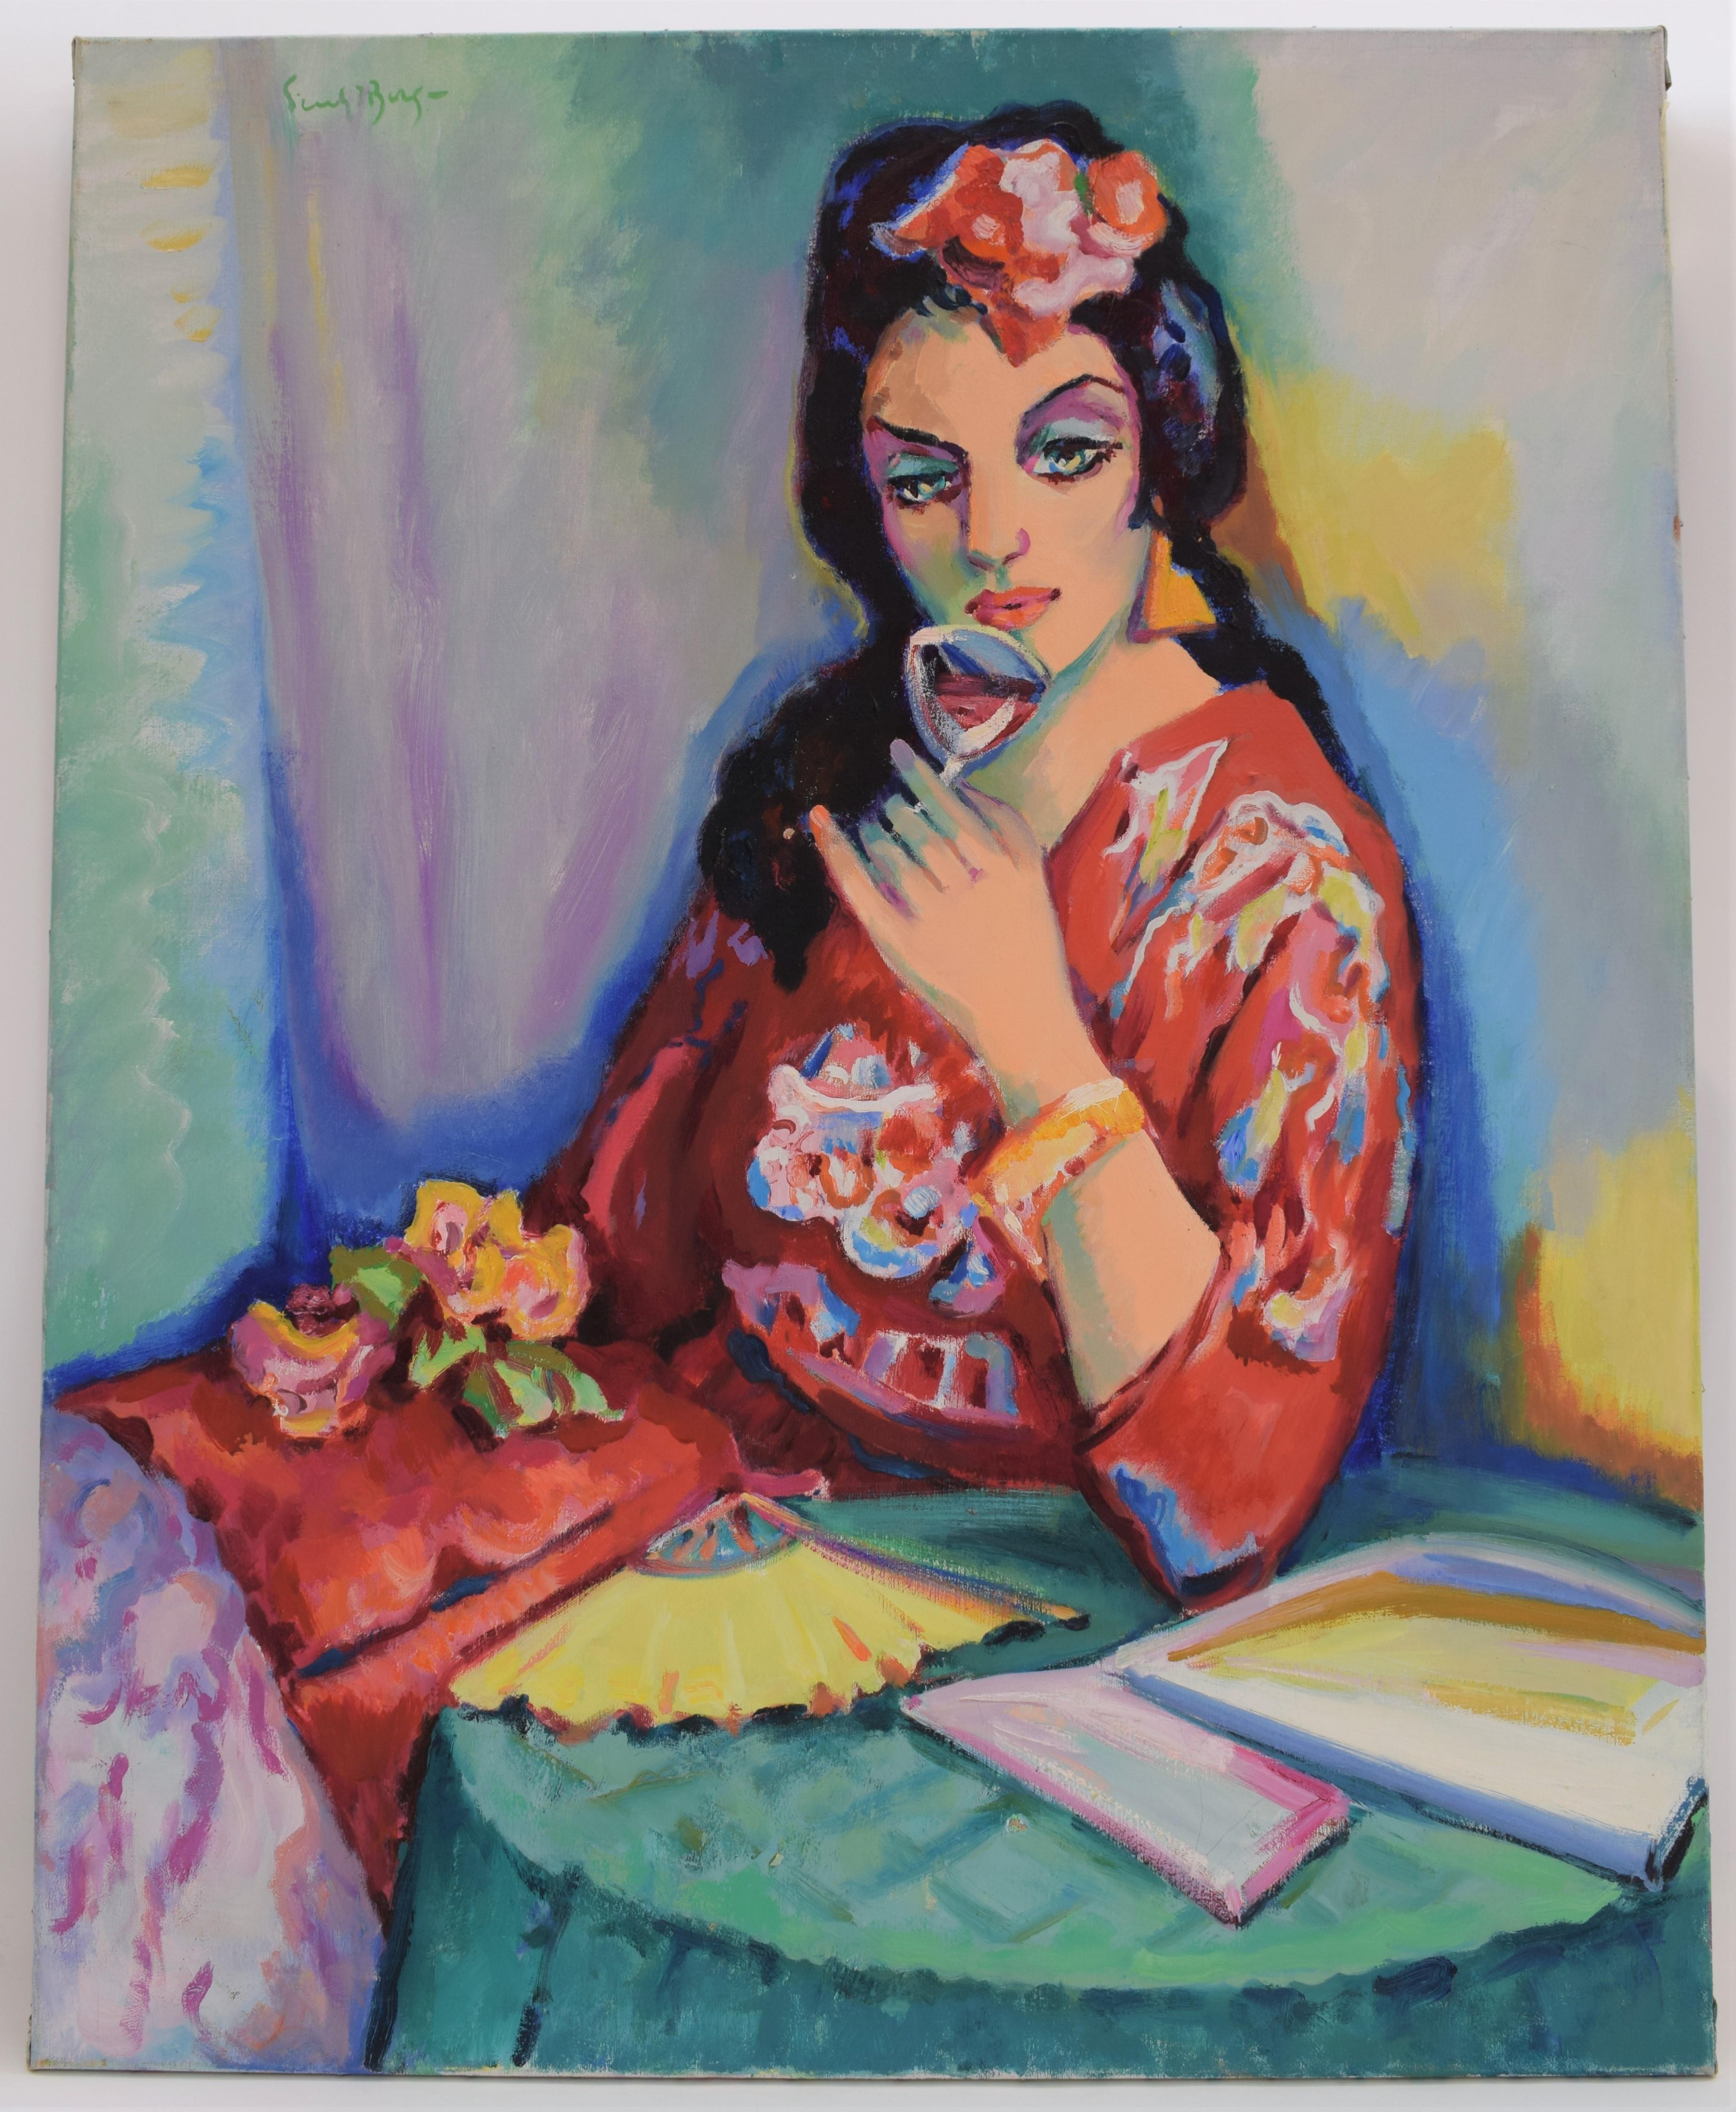 Senorita - Oil Paint on Canvas, Fauvist, Dutch Artist, Portrait, Painting